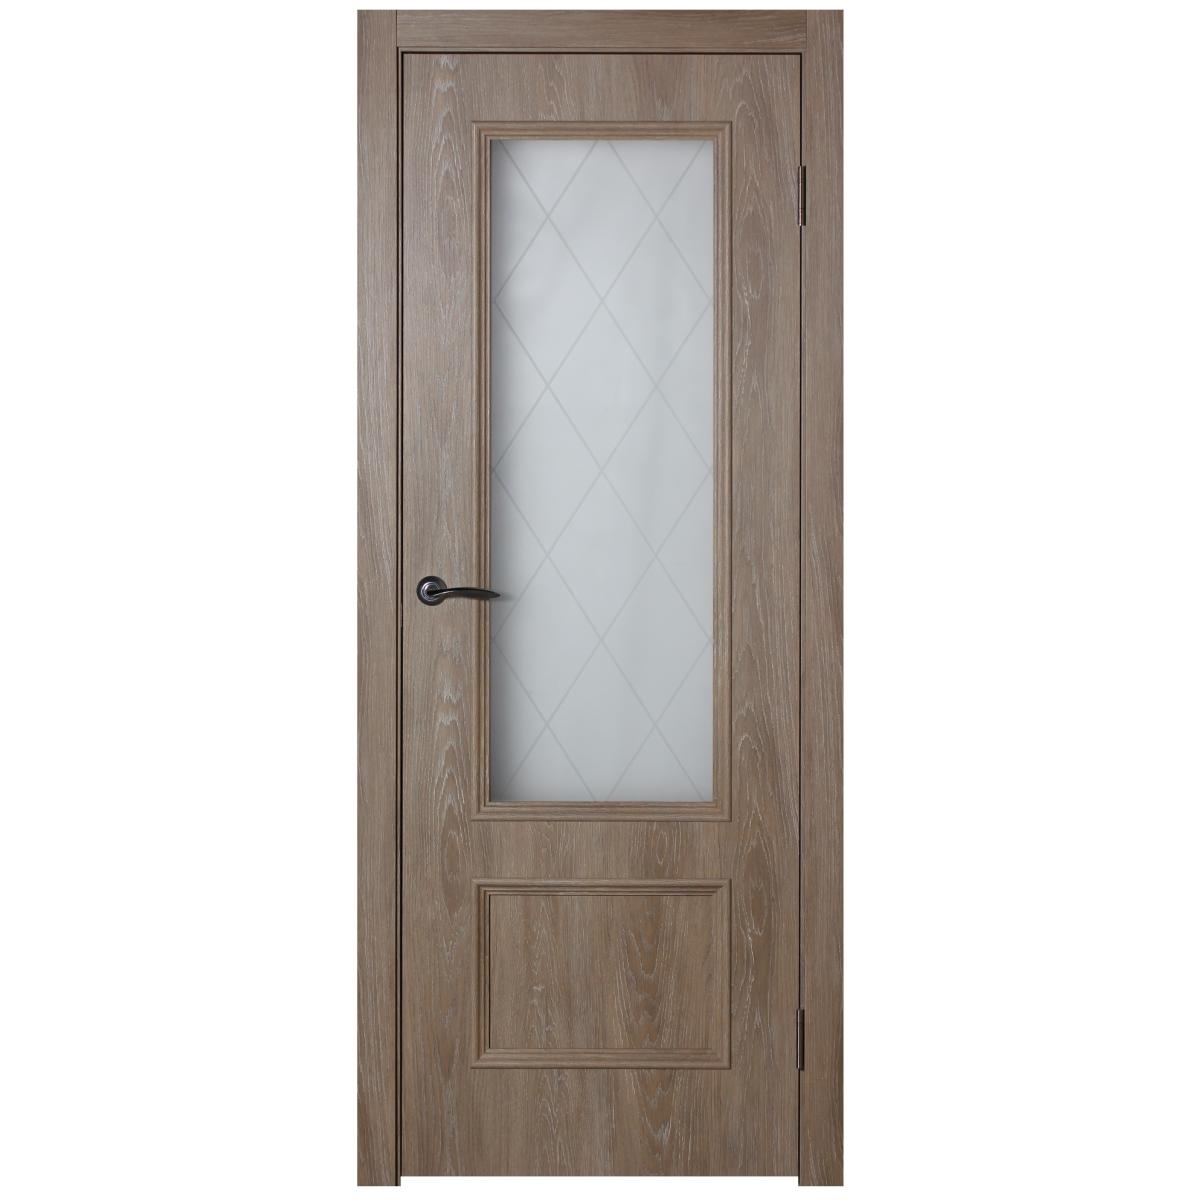 Дверь межкомнатная остеклённая Престиж 60x200 см цвет натуральный дуб